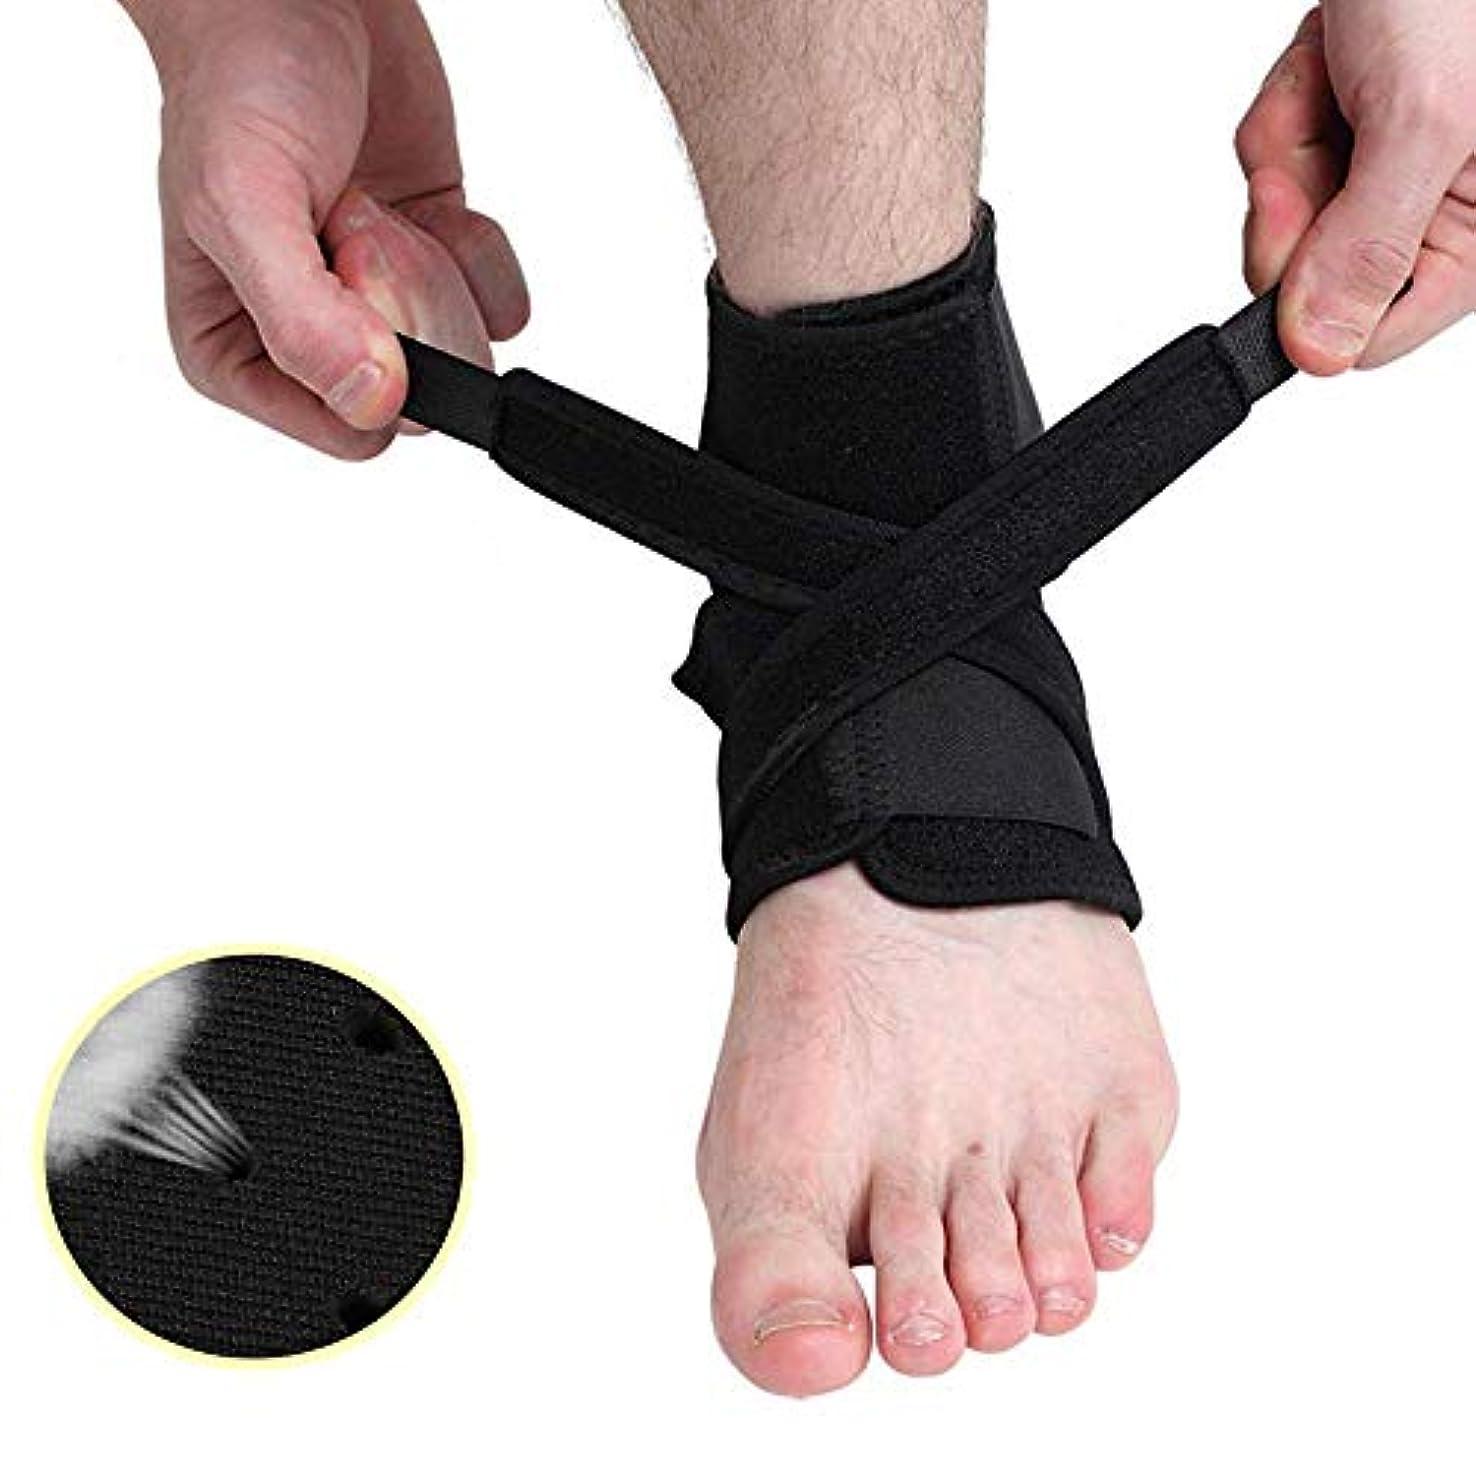 弾性上流のビルダー足首関節サポート - 男性と女性用の足首関節包帯、通気性足首関節ケア、ウォーキング、ランニング、関節炎捻挫保護に適しています